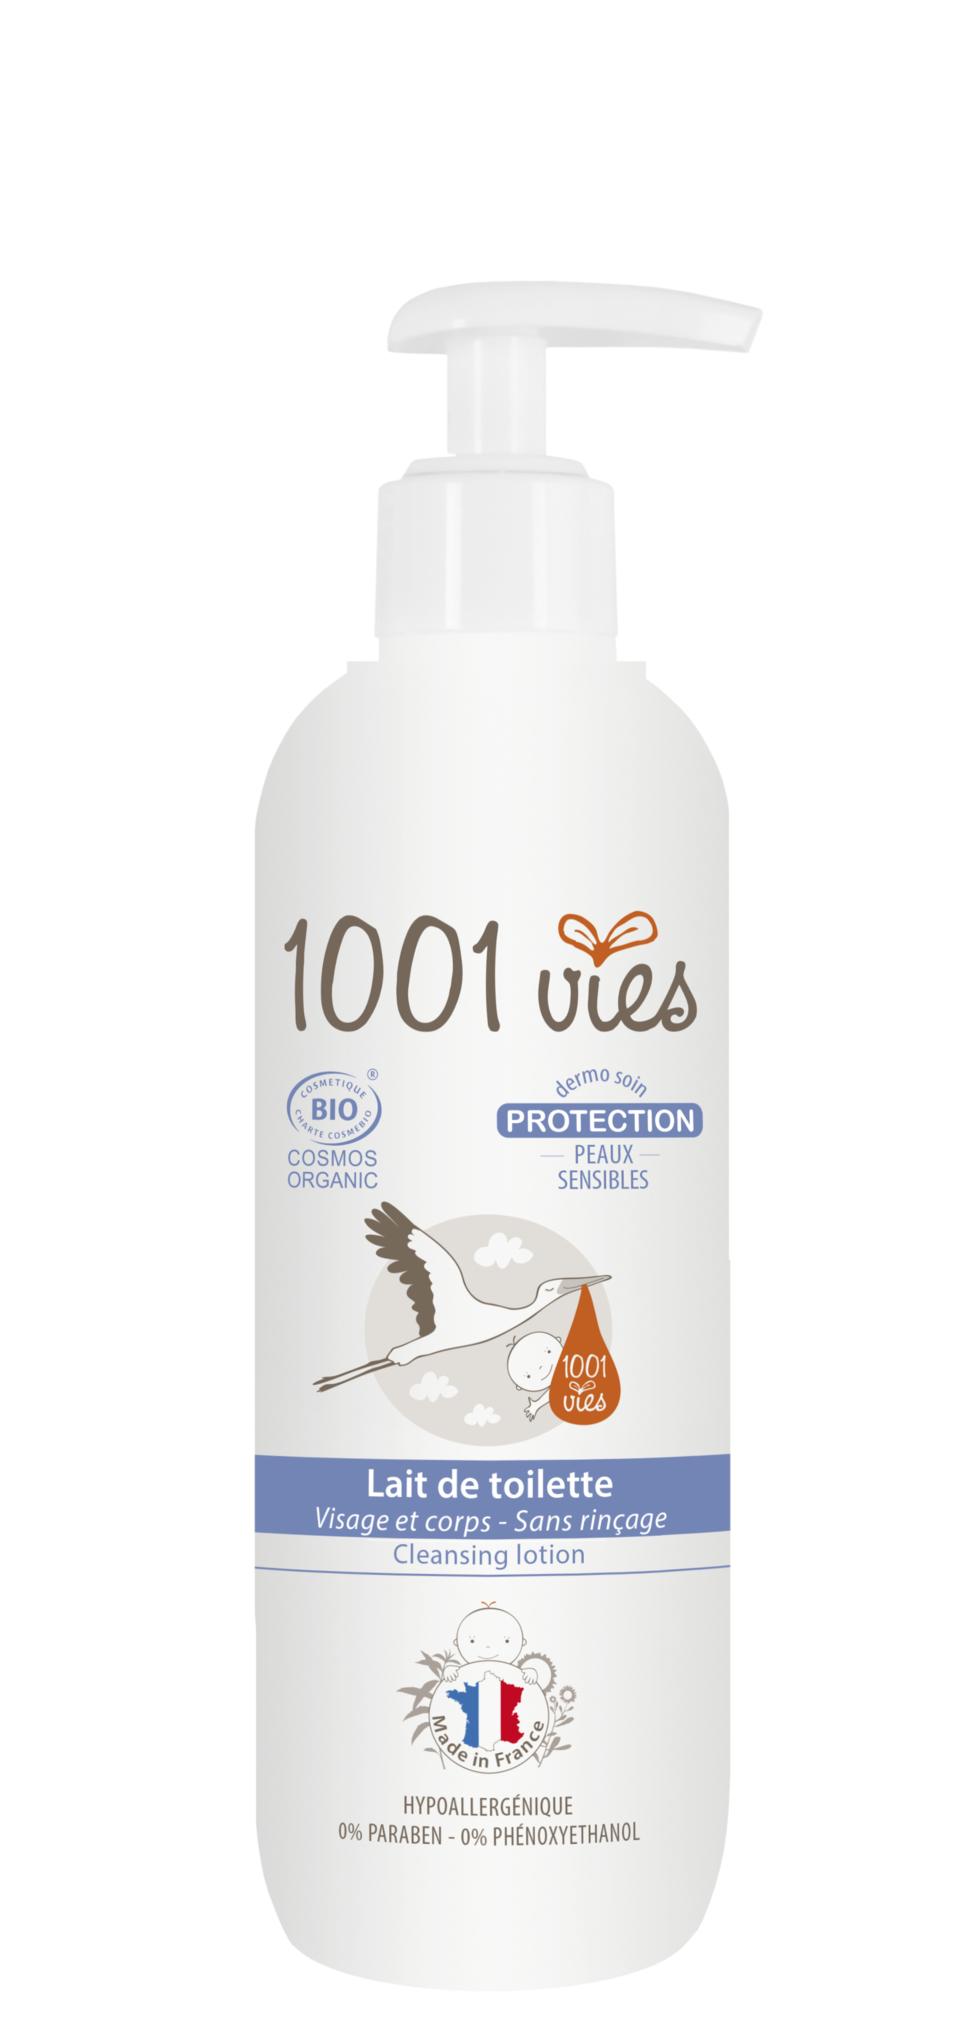 lait de toilette gamme protection peaux sensibles 1001 vies. Black Bedroom Furniture Sets. Home Design Ideas